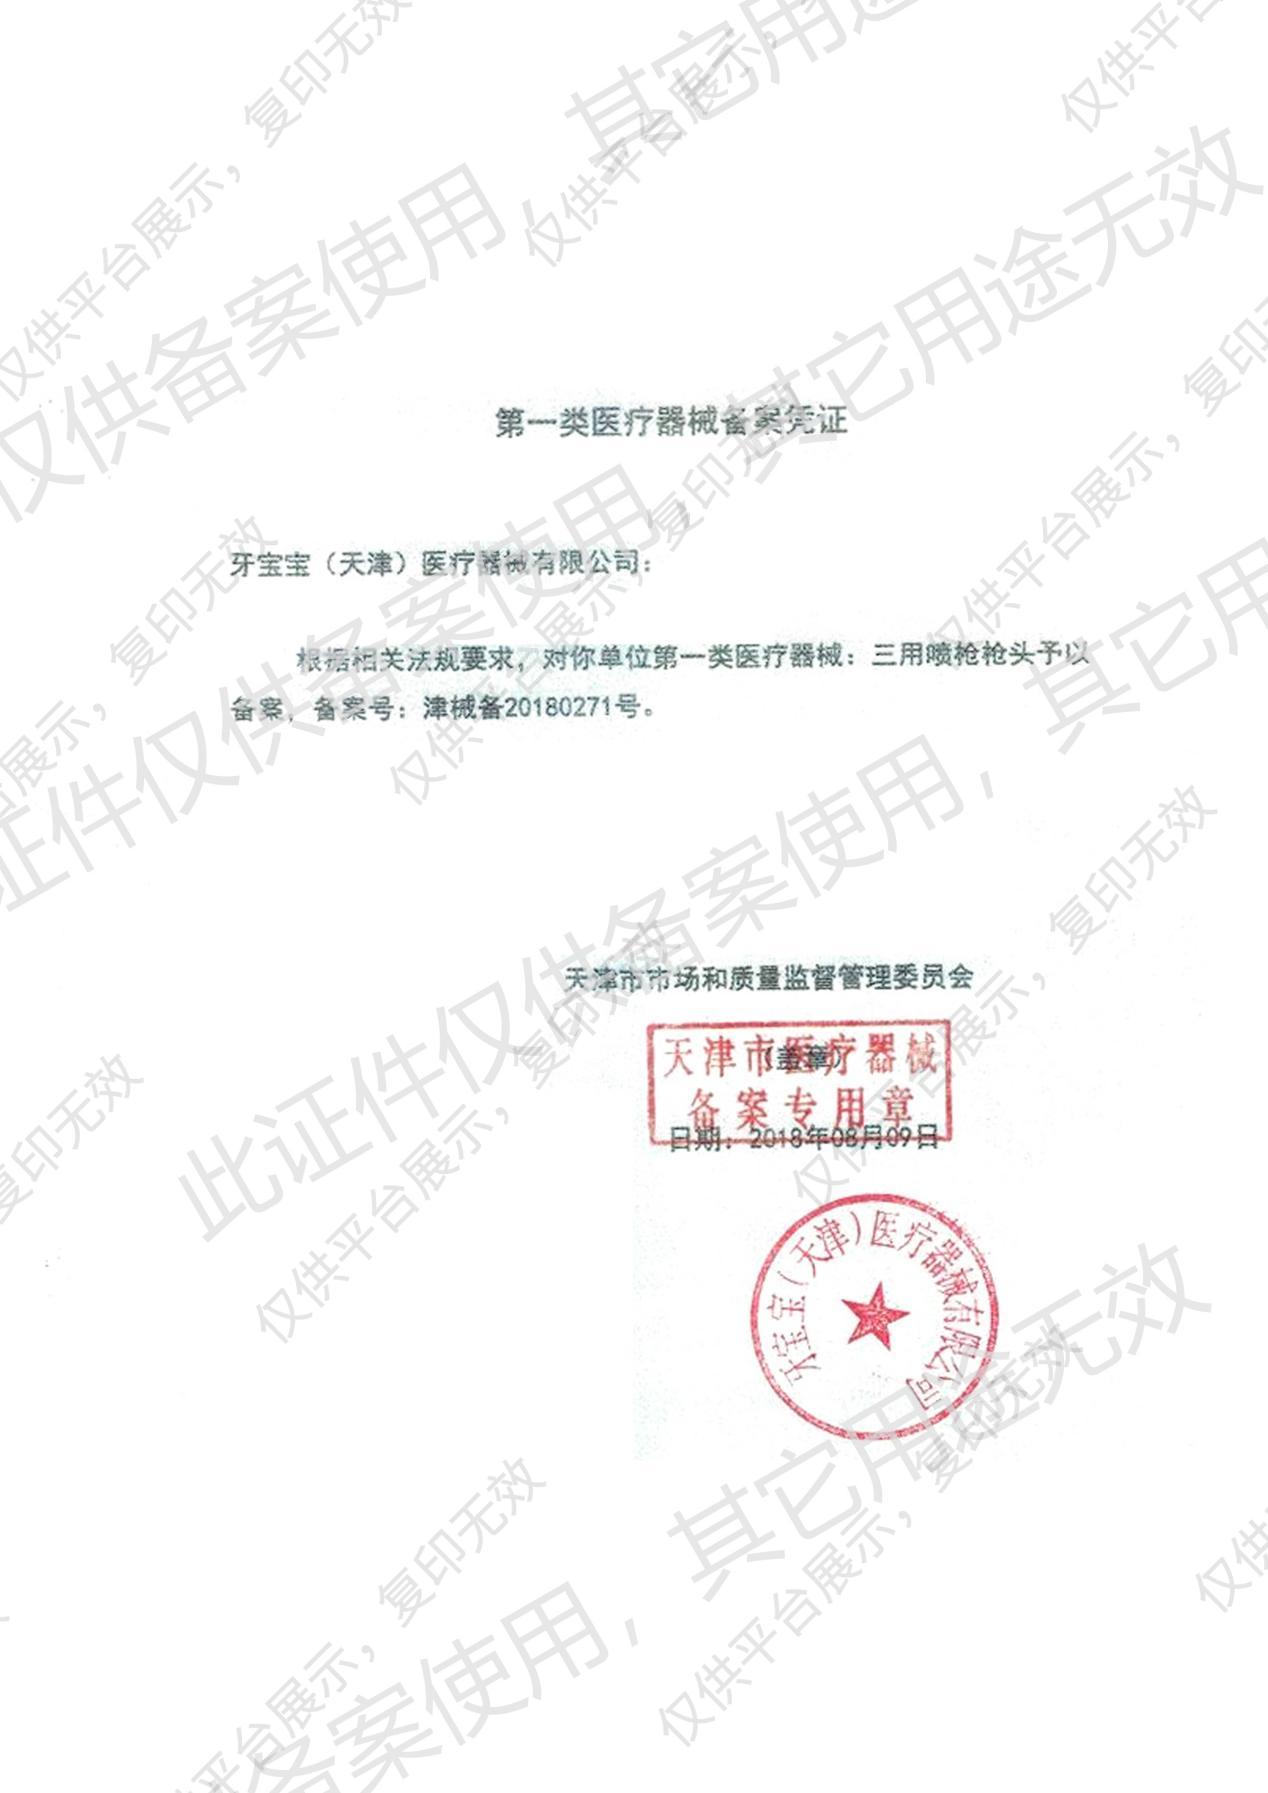 牙宝宝 三用喷枪枪头 一次性 混色(250支/桶)注册证